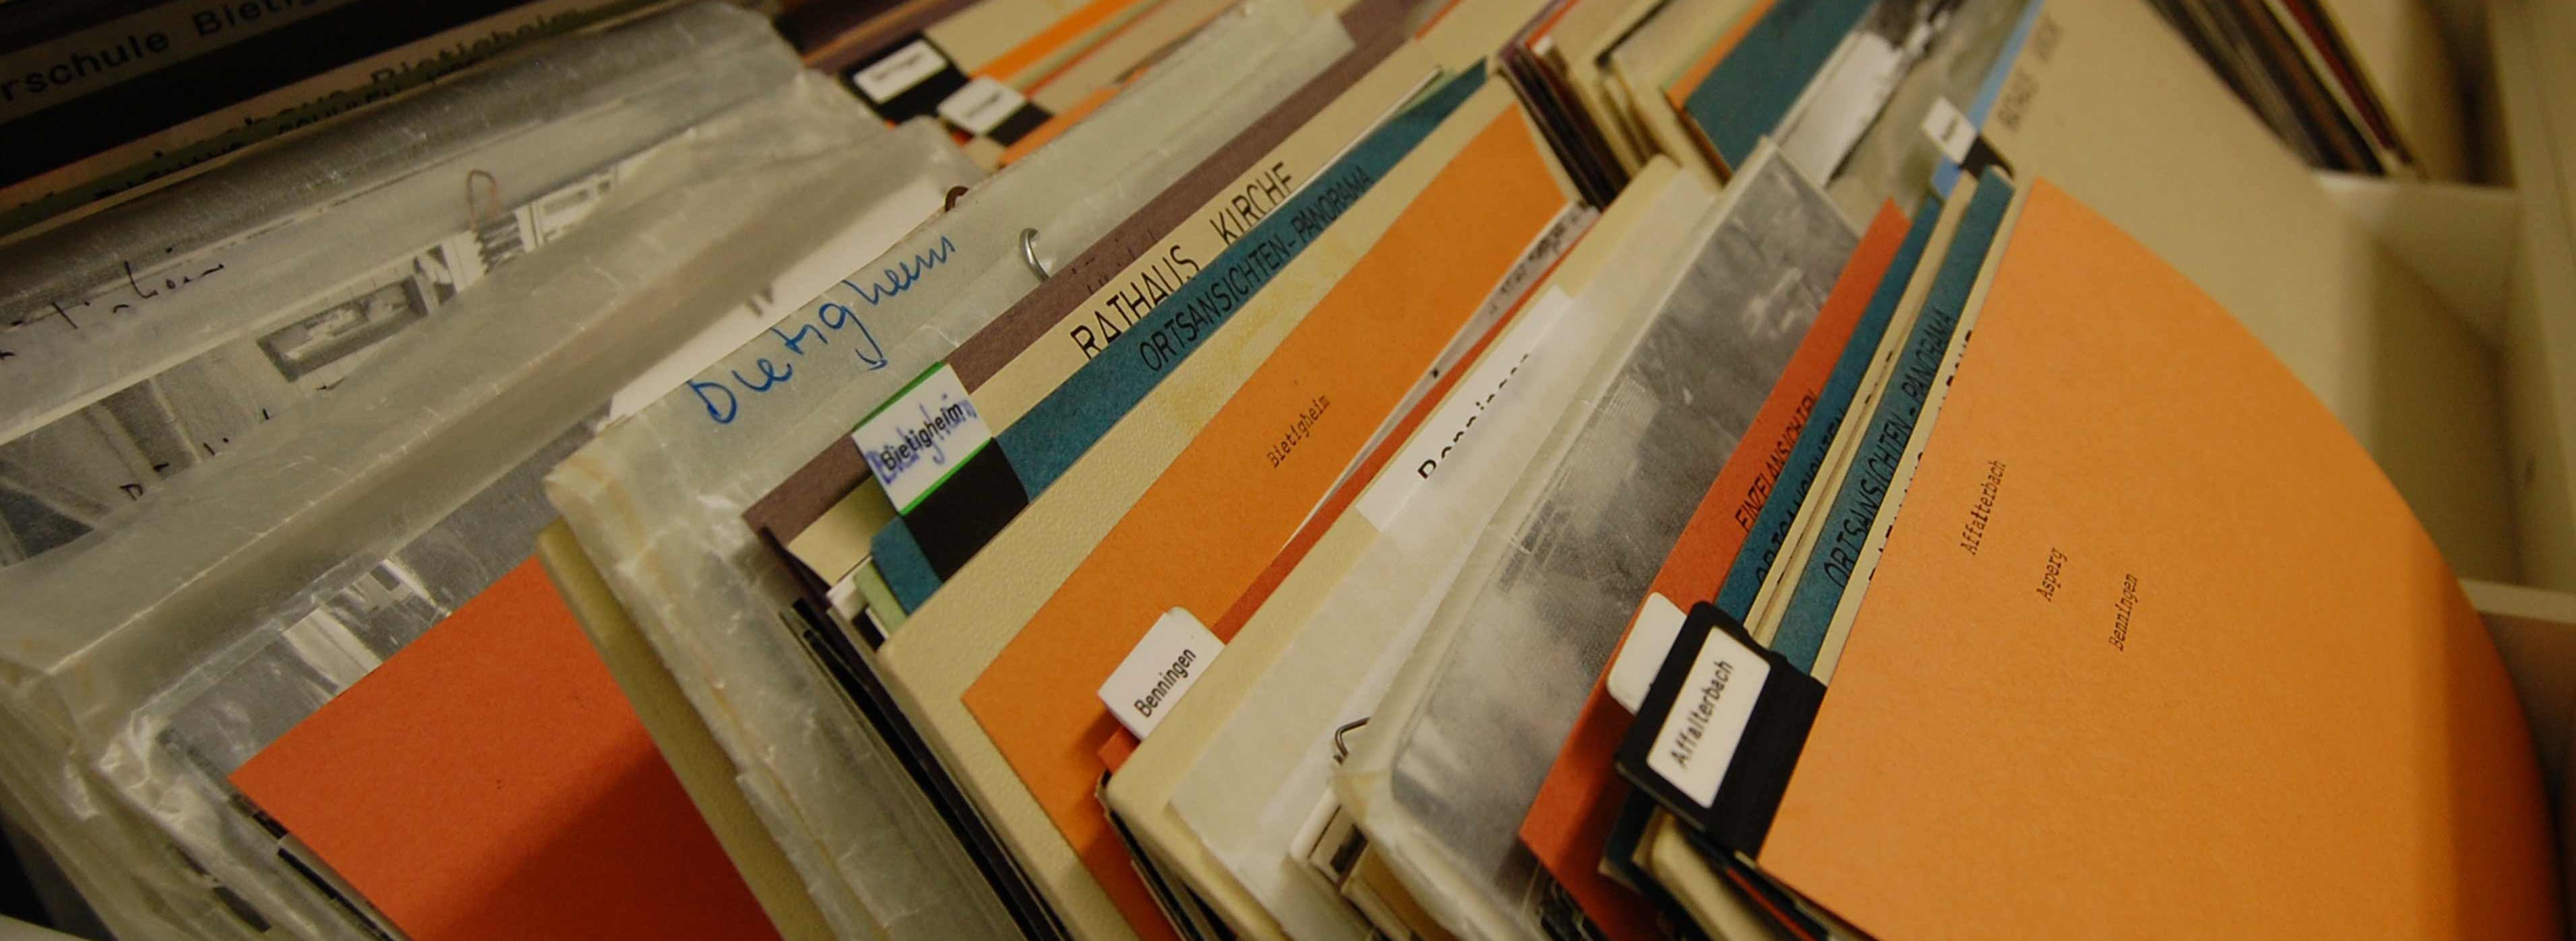 Schublade eines Archivschrankes mit Akten archiv_01.jpg